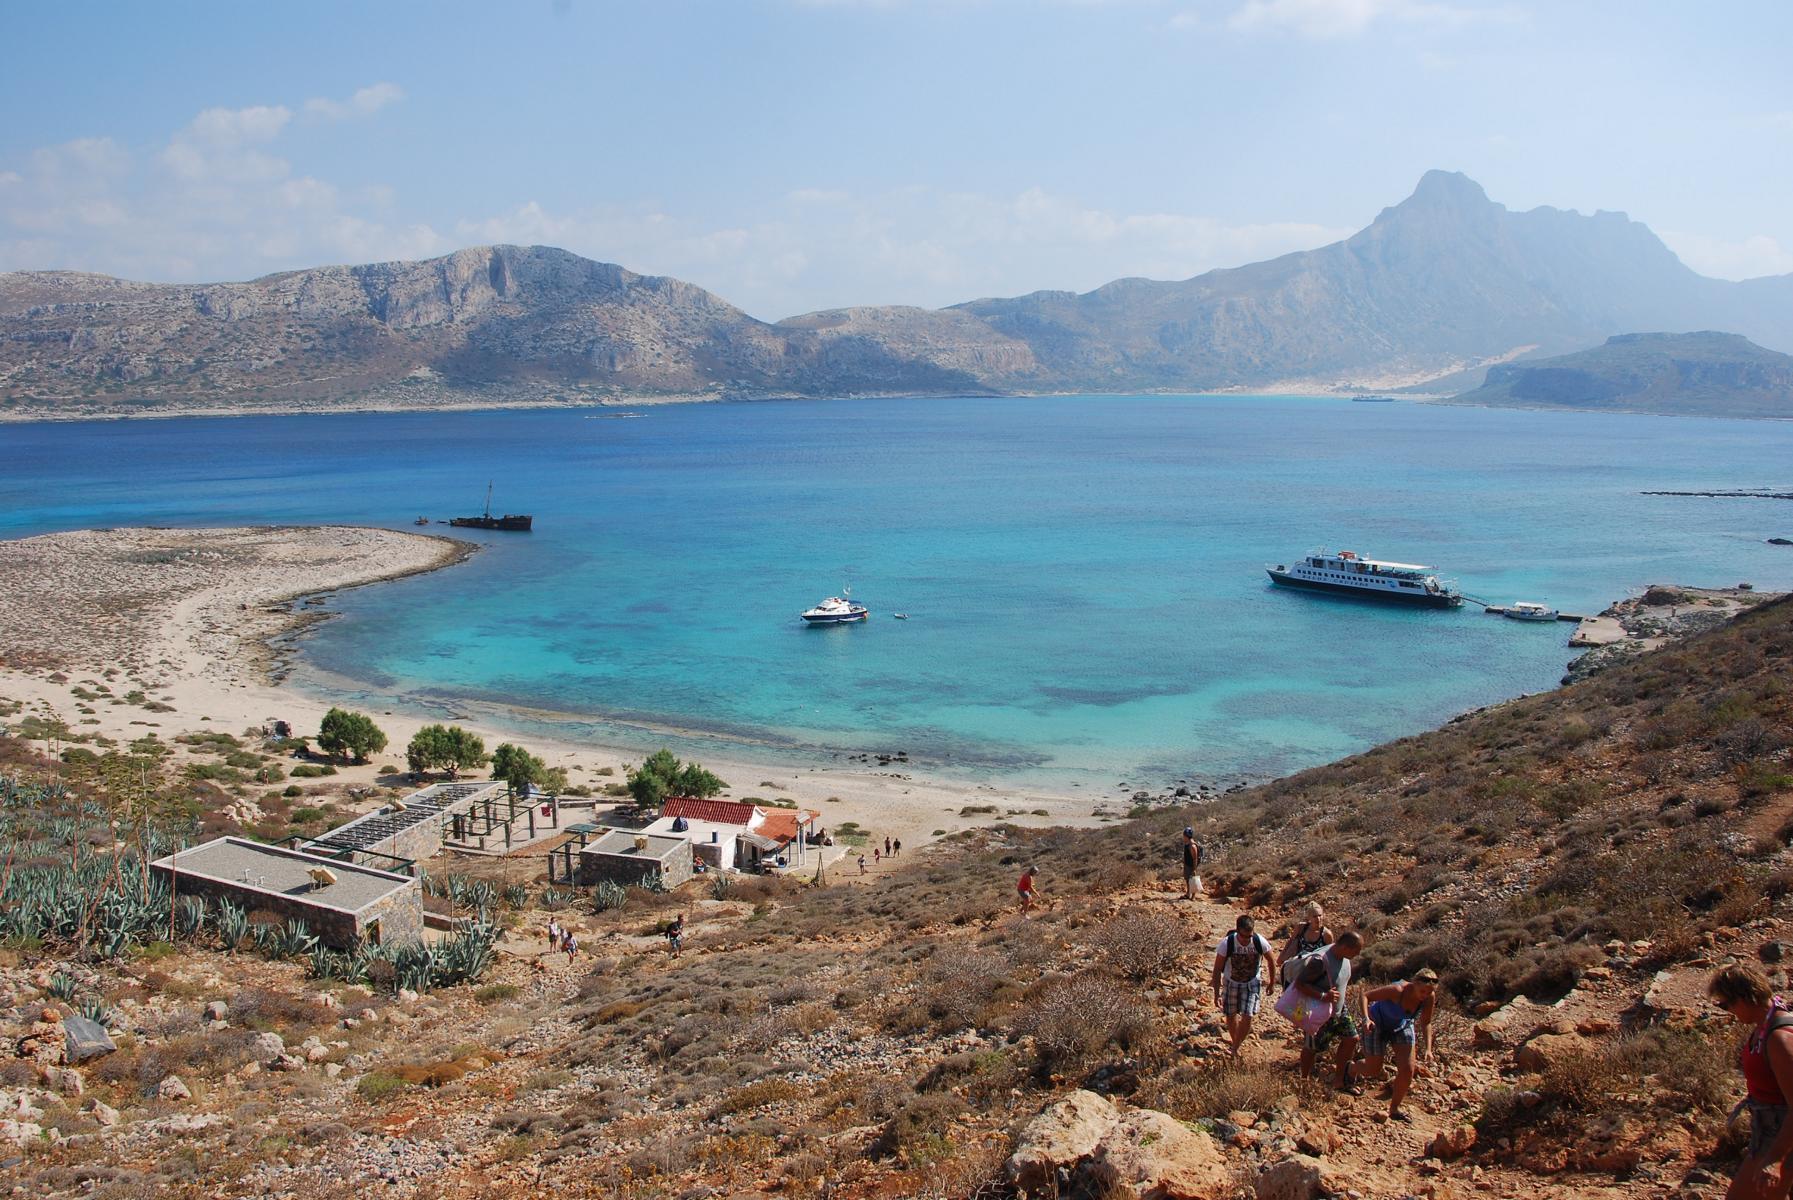 0 Ausflug Insel Gramvousa Chania Kreta Griechenland